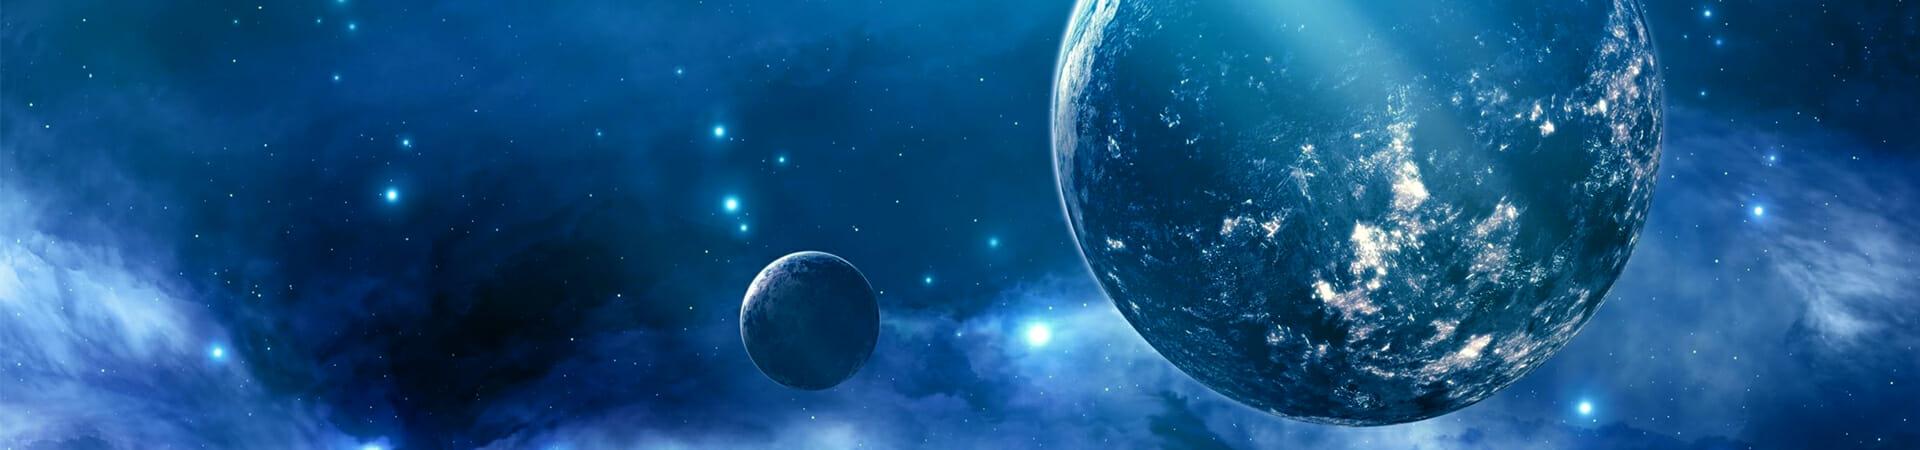 Астрология 21 века